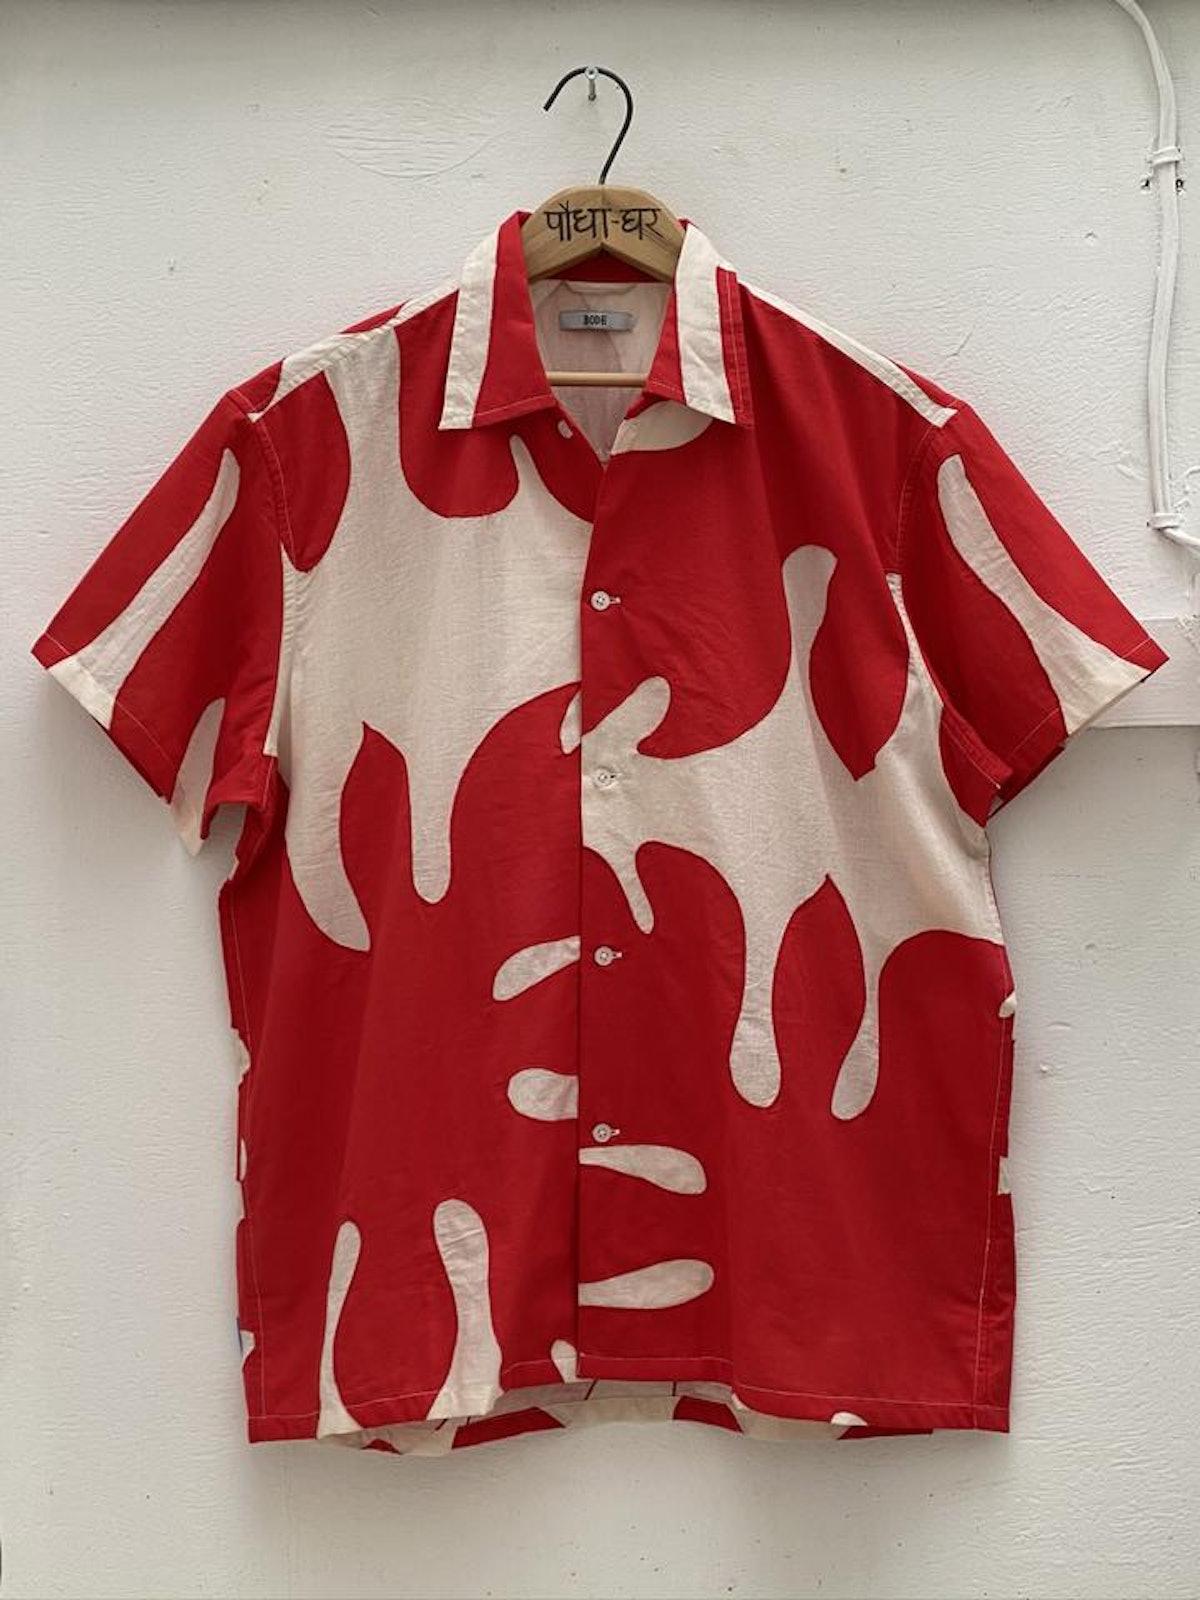 Cut-Out Appliqué Shirt